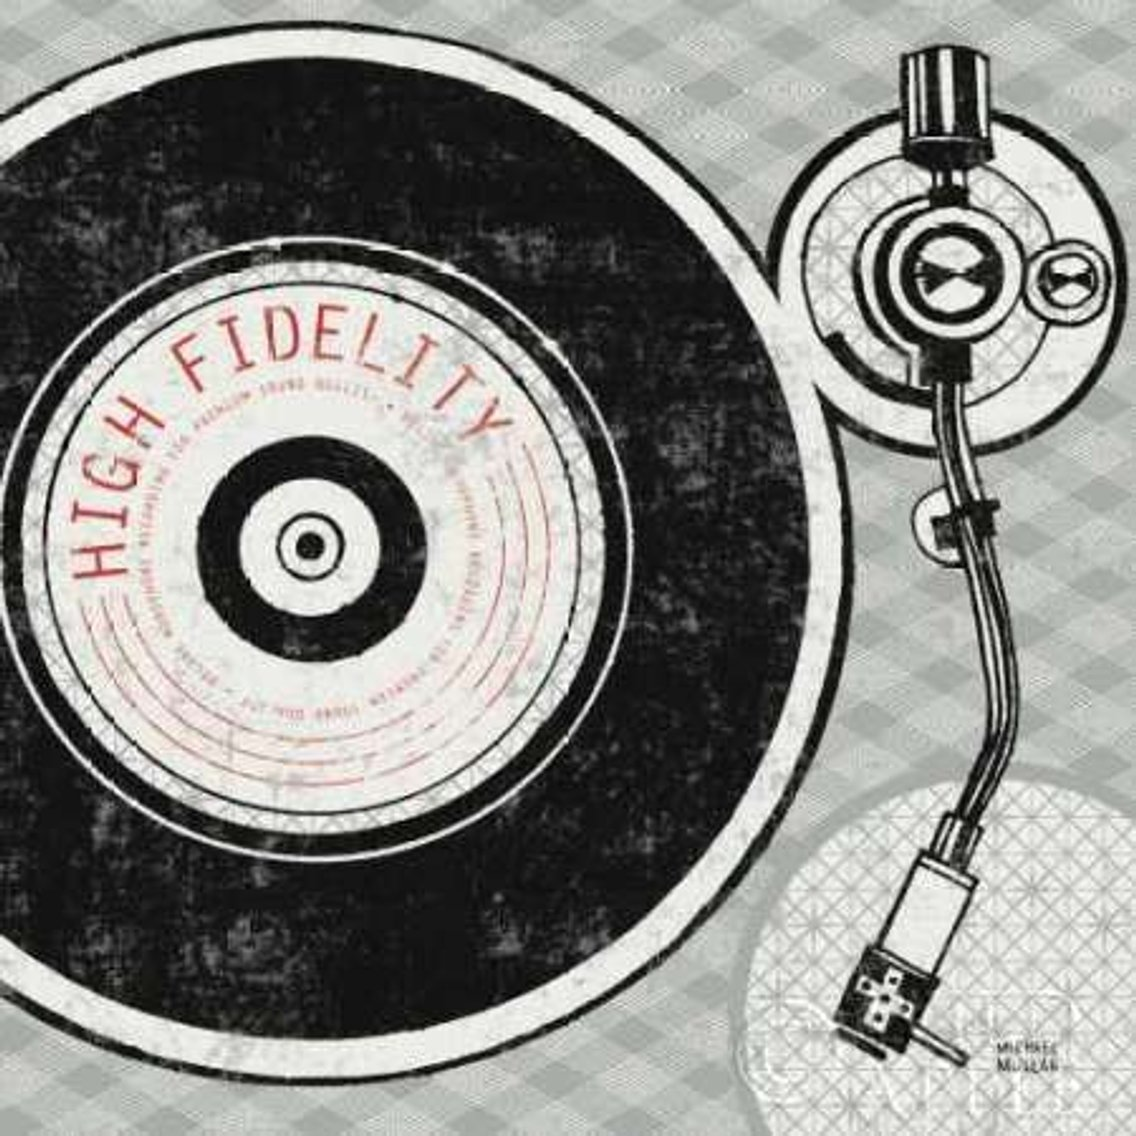 El Vinilo - Música 70s, 80s y 90s - immagine di copertina